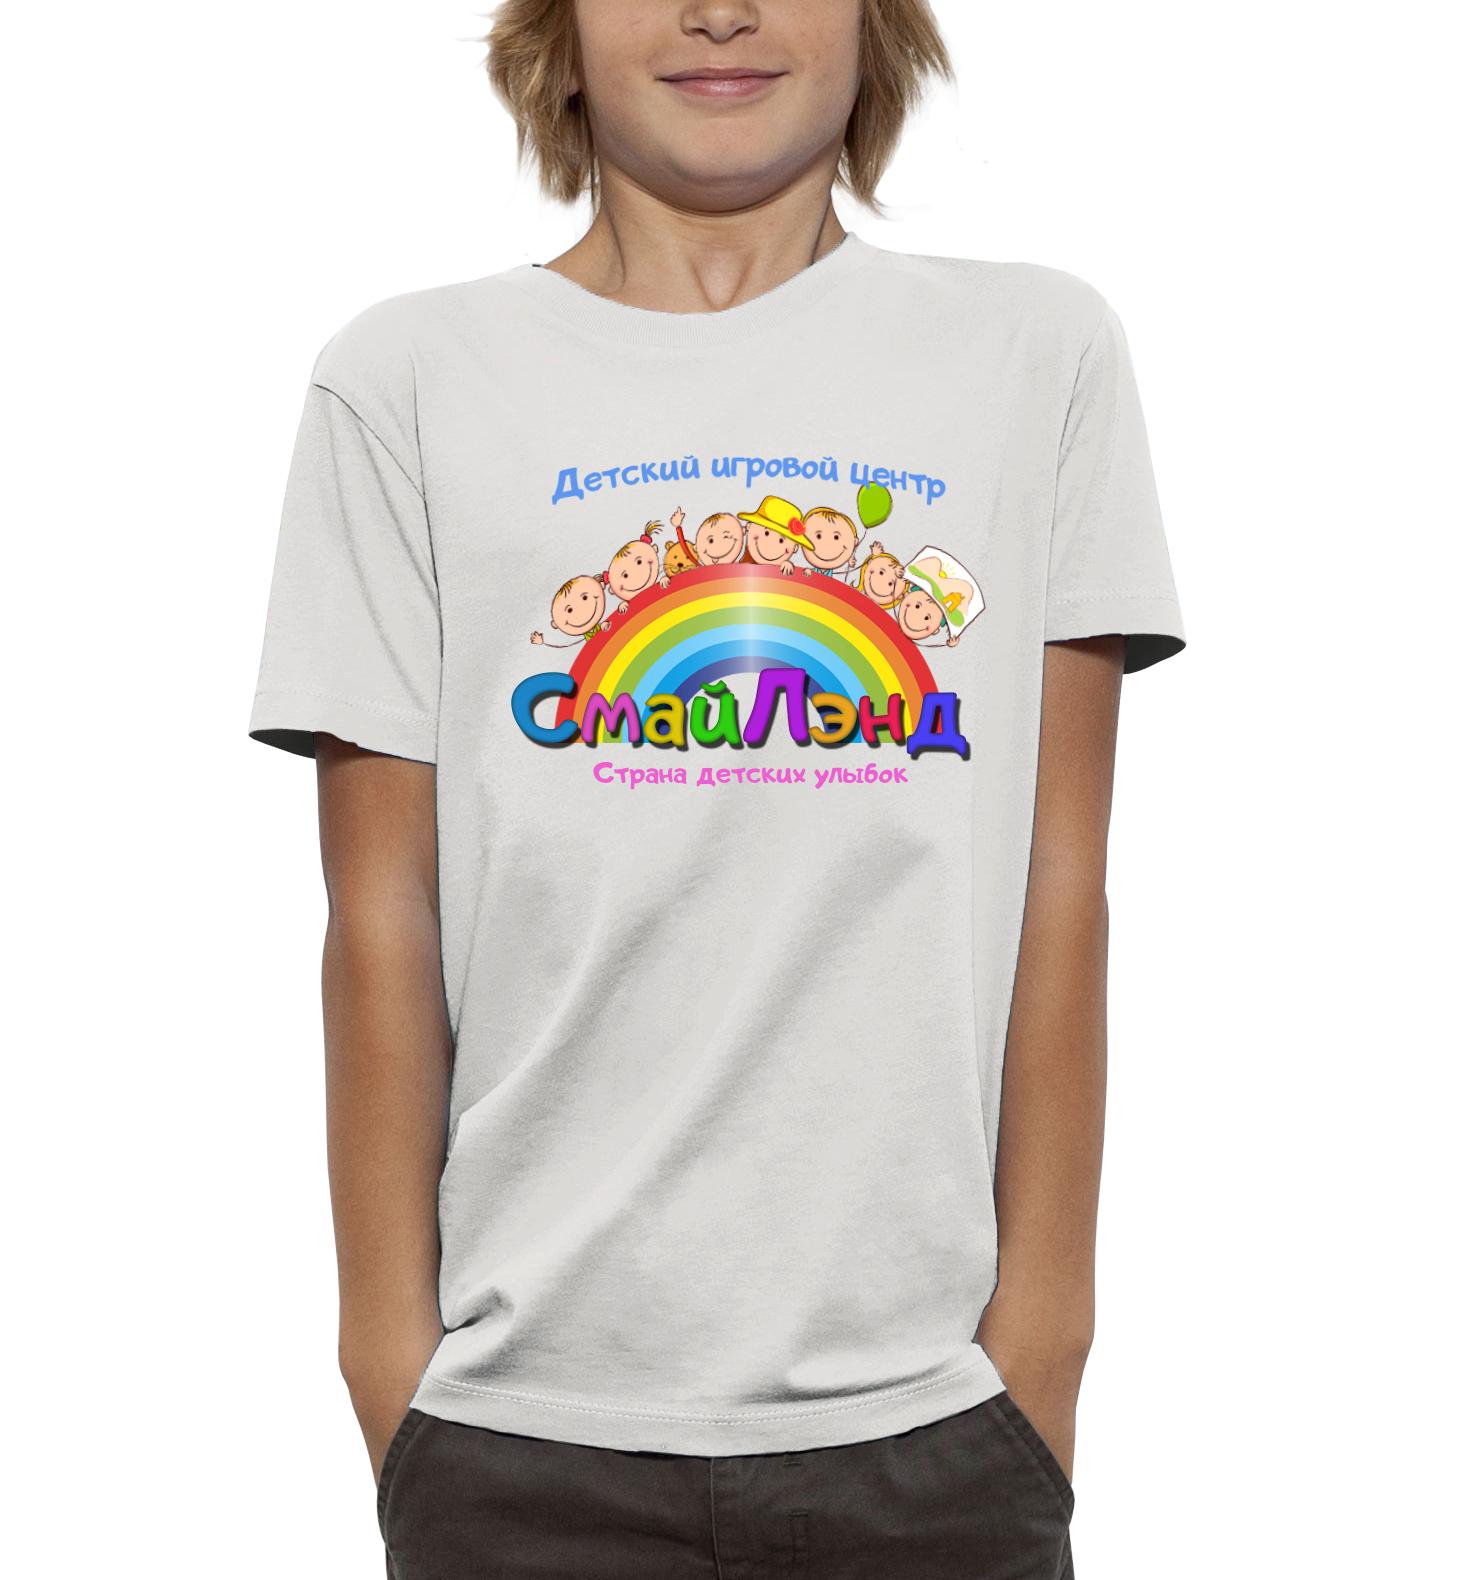 Логотип, стиль для детского игрового центра. фото f_4265a400df5c6918.jpg